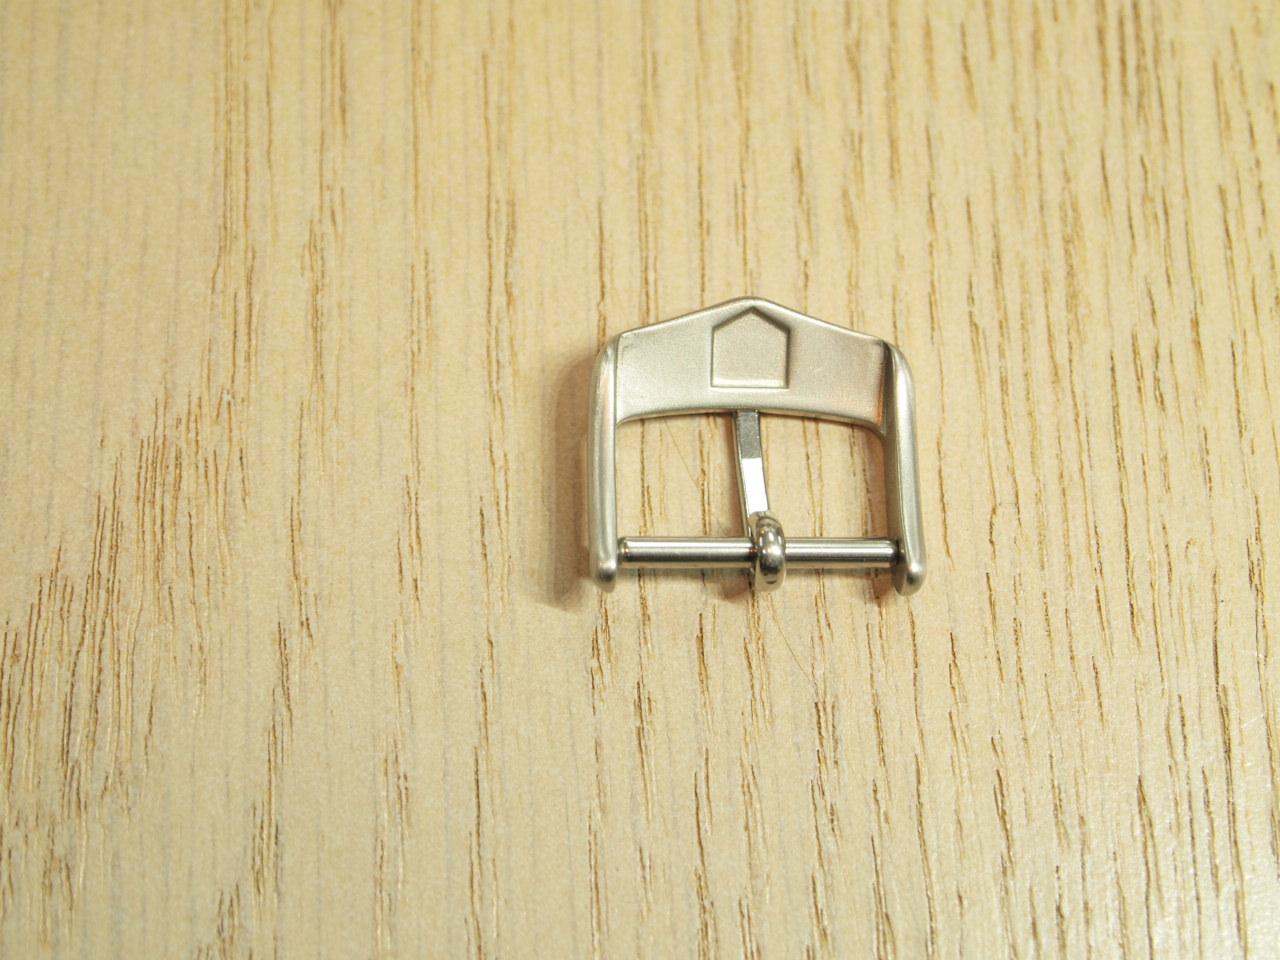 16 millimeters of TAG HEUER buckles